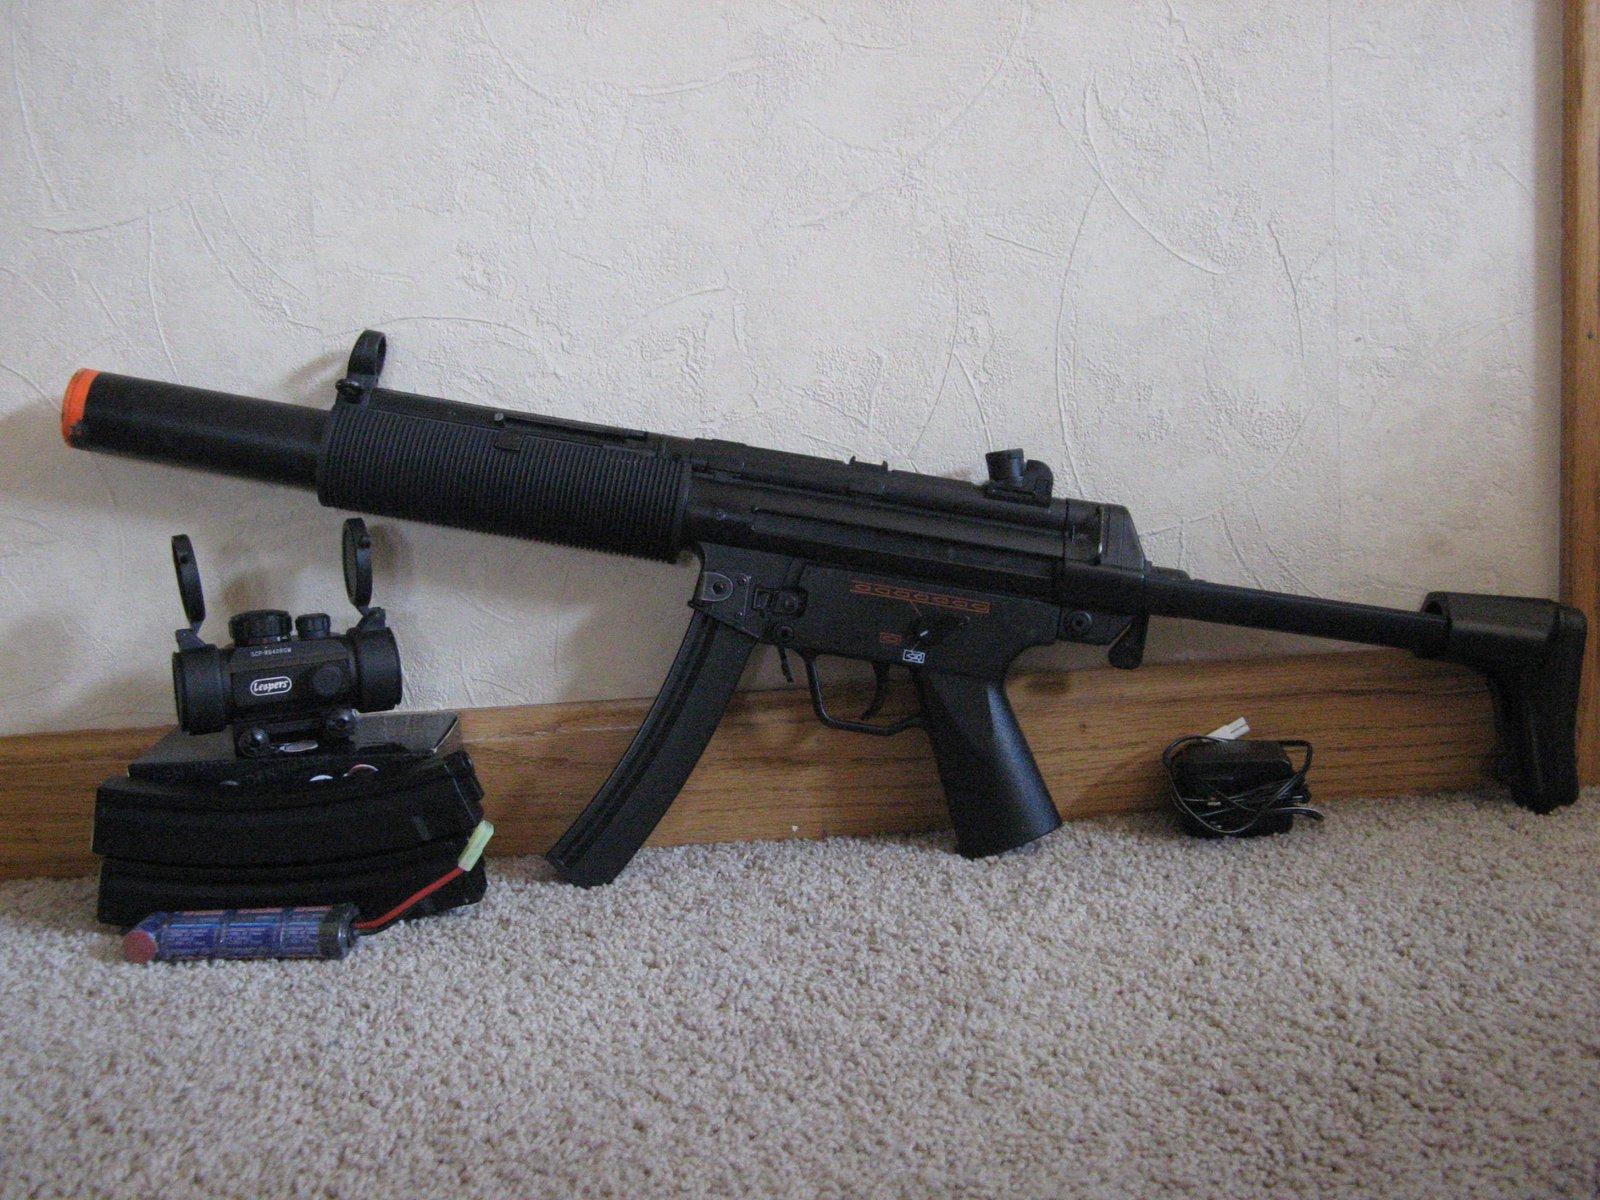 JG MP5 SD6